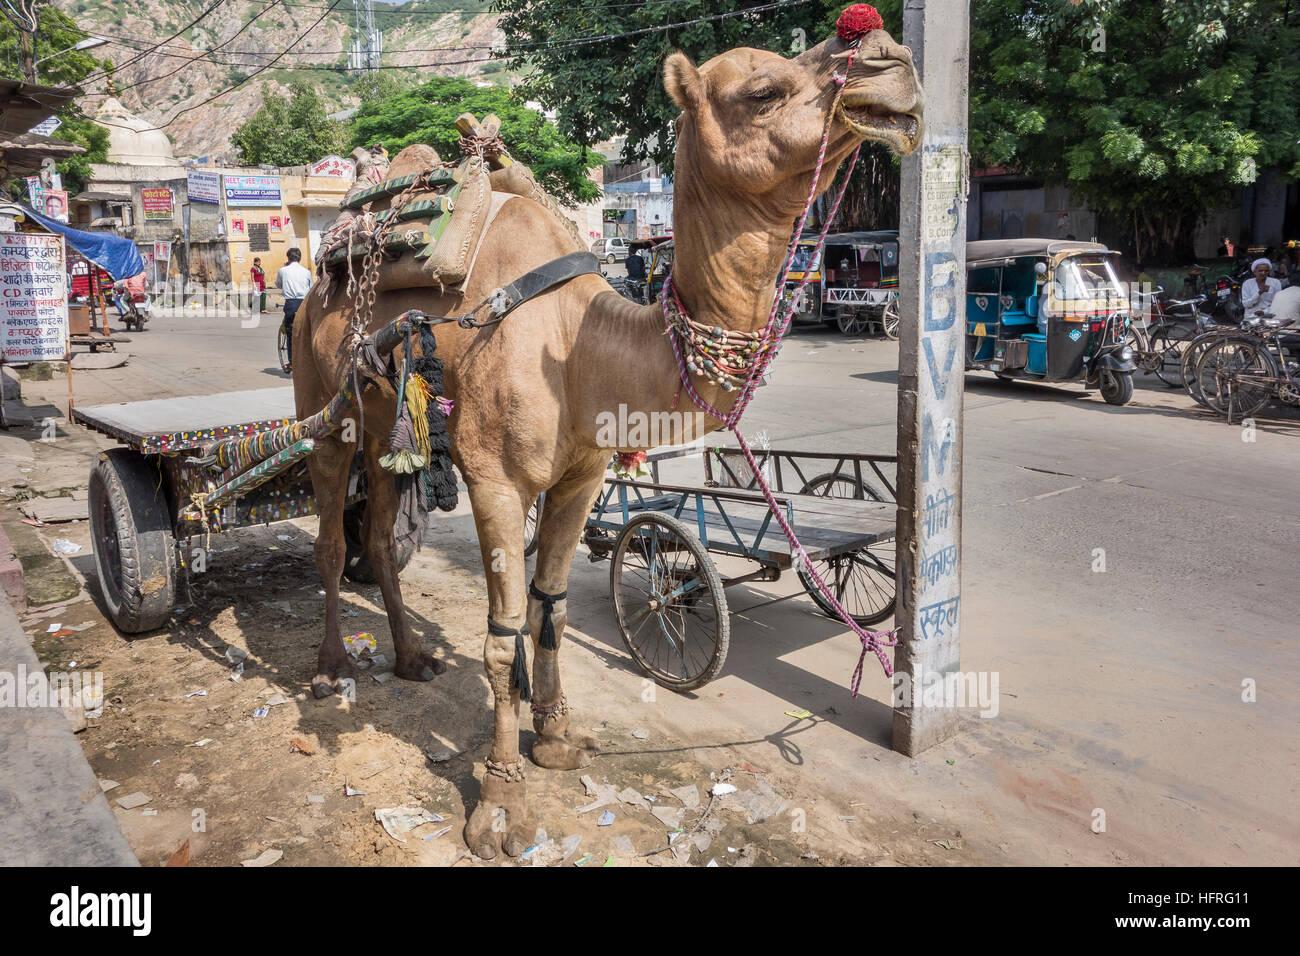 Camel toeing photos